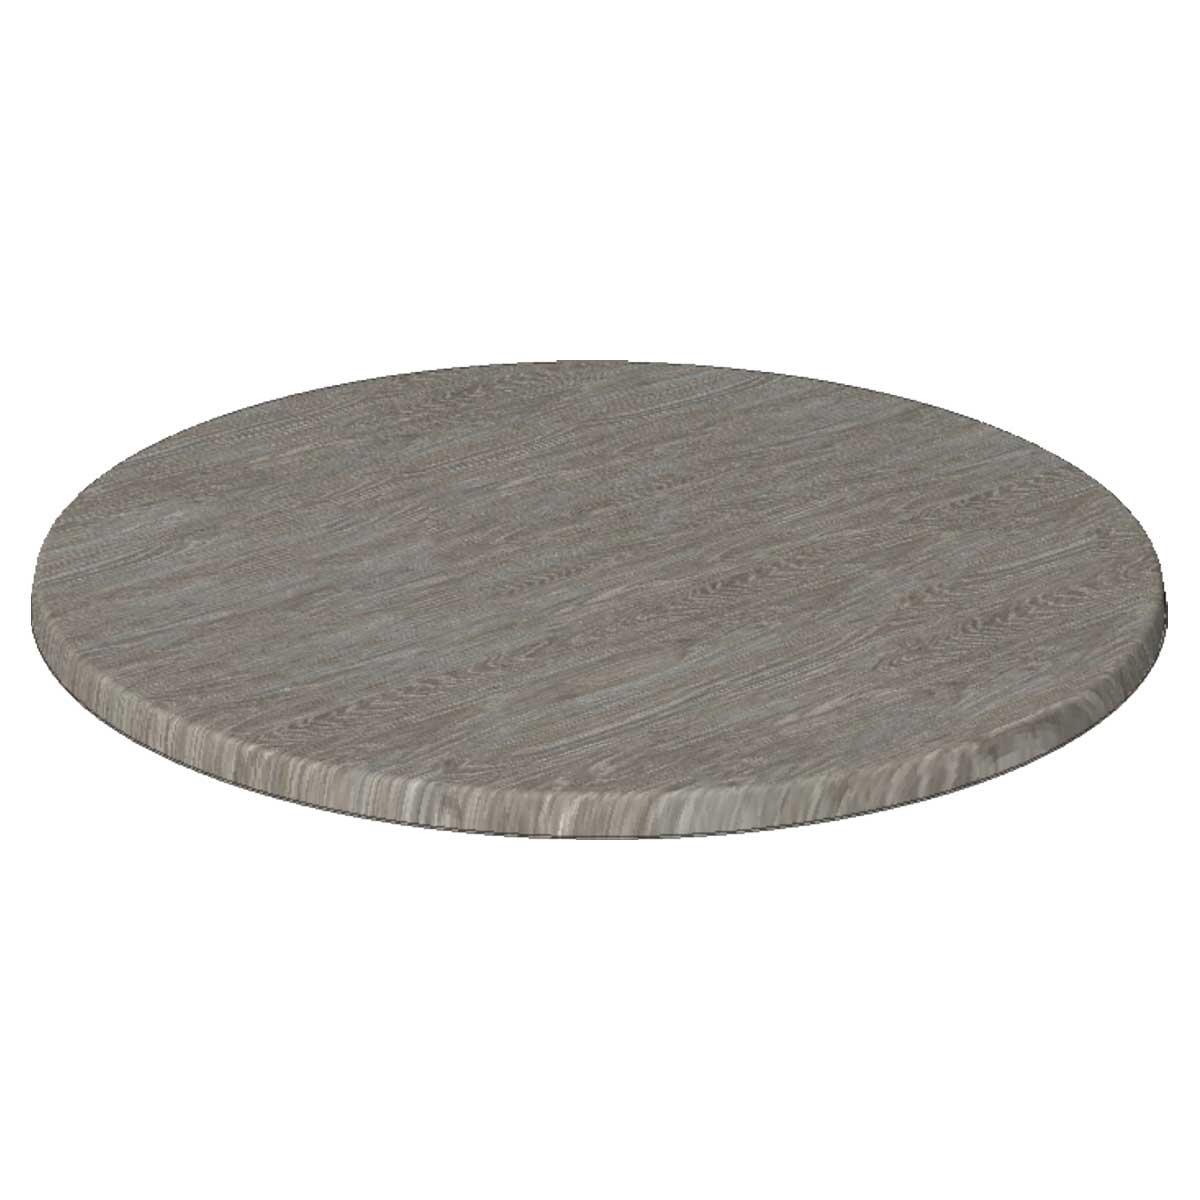 TICLA R70 170 - https://www.werzalit.com/en/product/table-top-classic-werzalit-r-oe90-170-eiche-gekalkt/